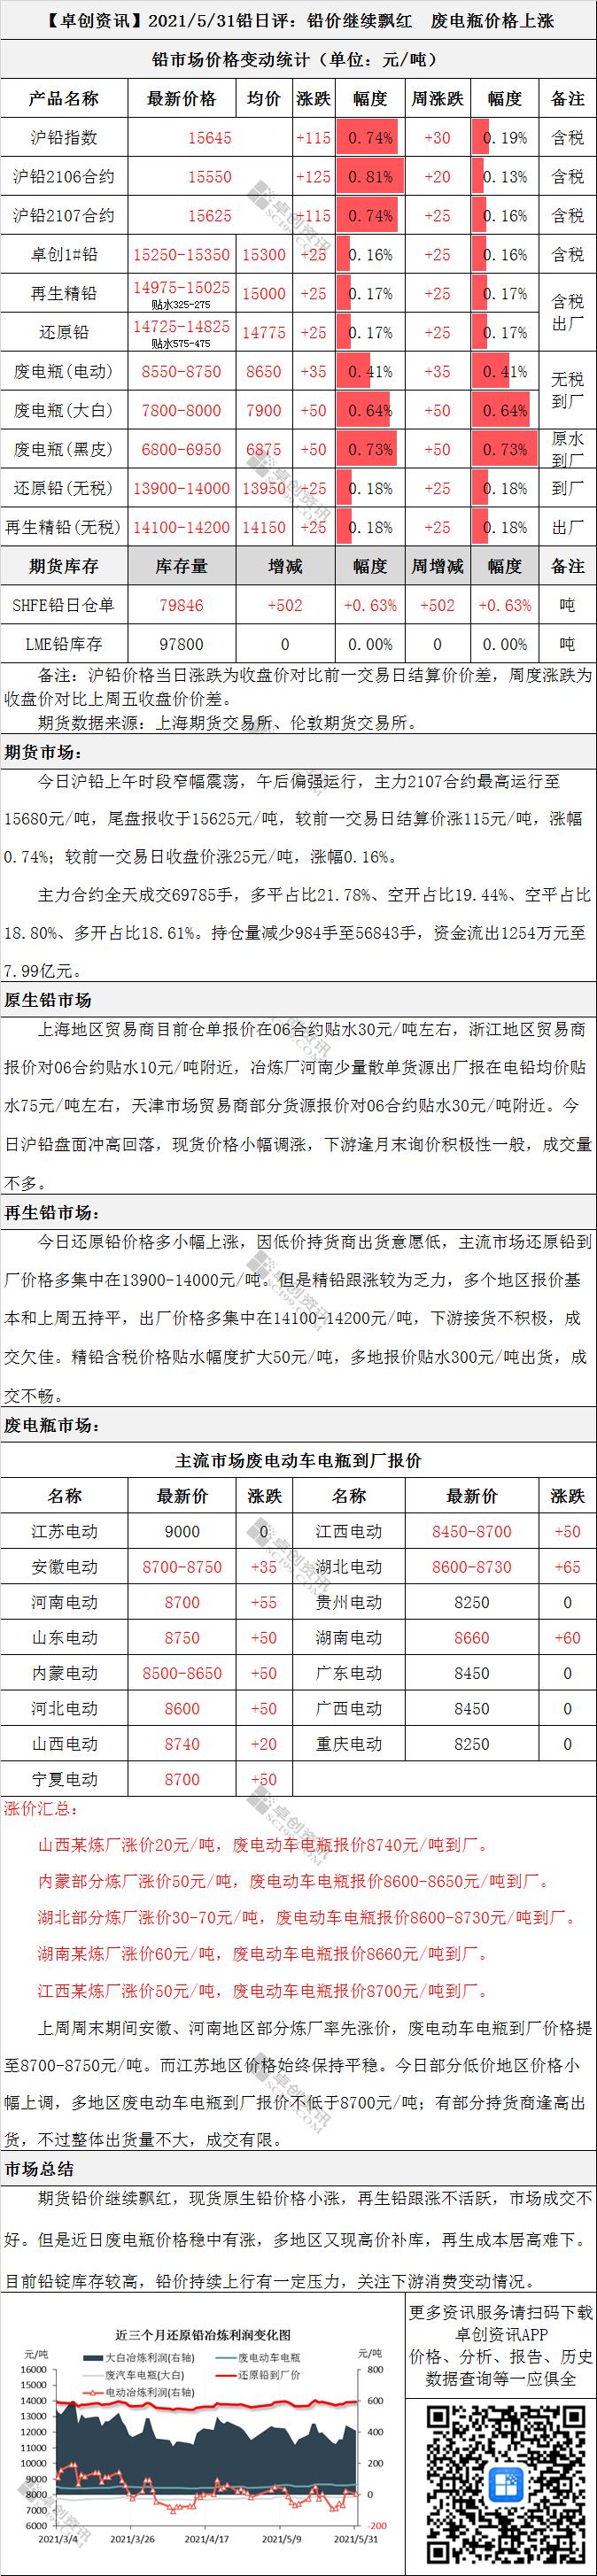 铅日评:铅价继续飘红 废电瓶价格上涨